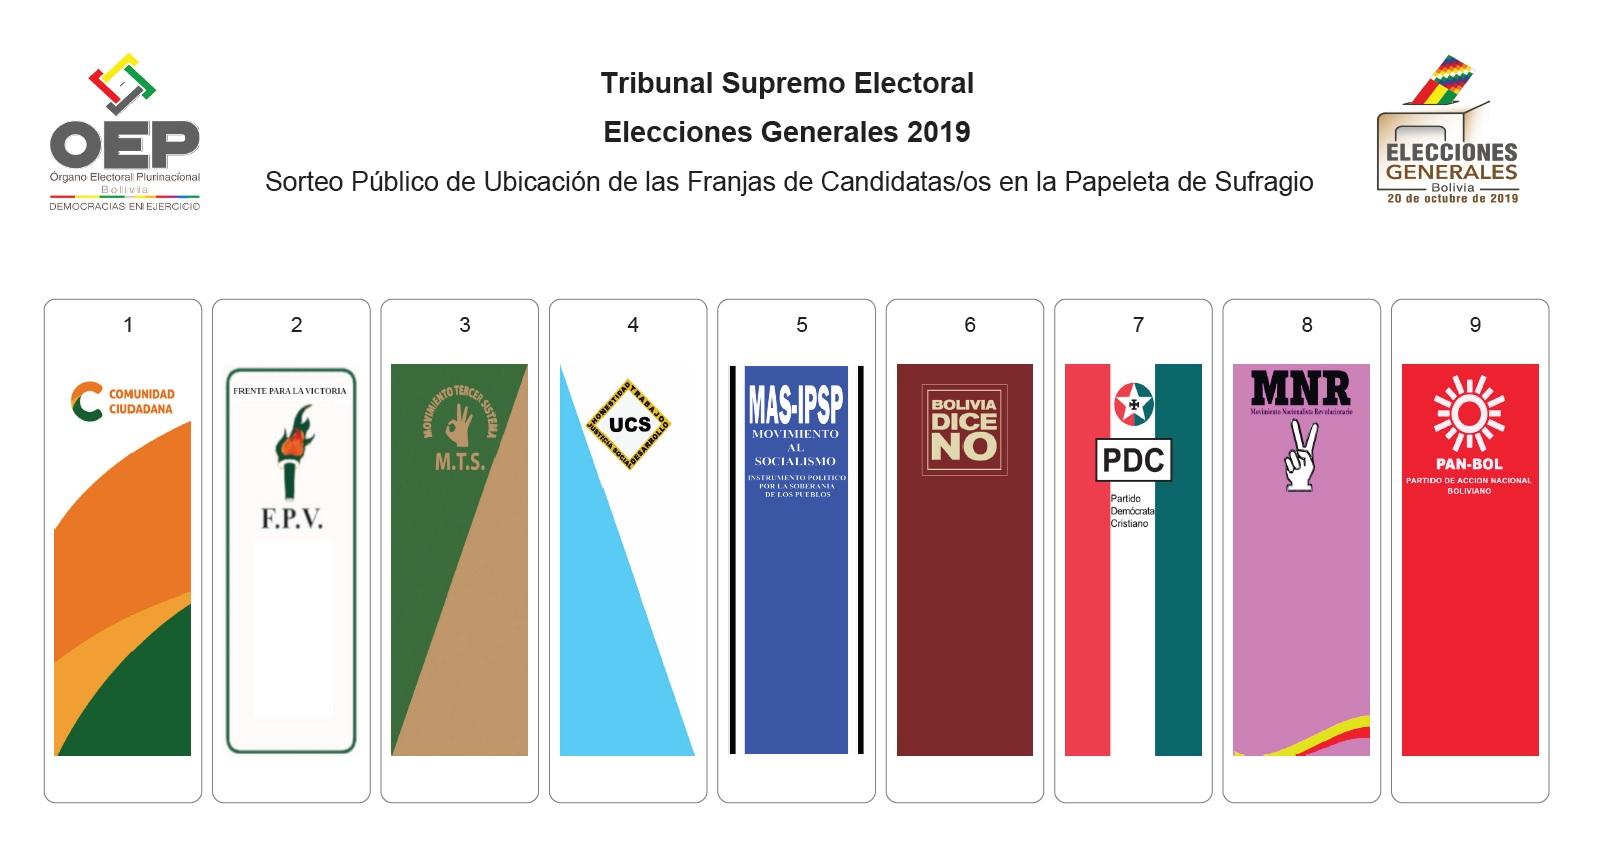 Nueve frentes se disputarán espacios de poder en las elecciones del 20 de octubre / TSE